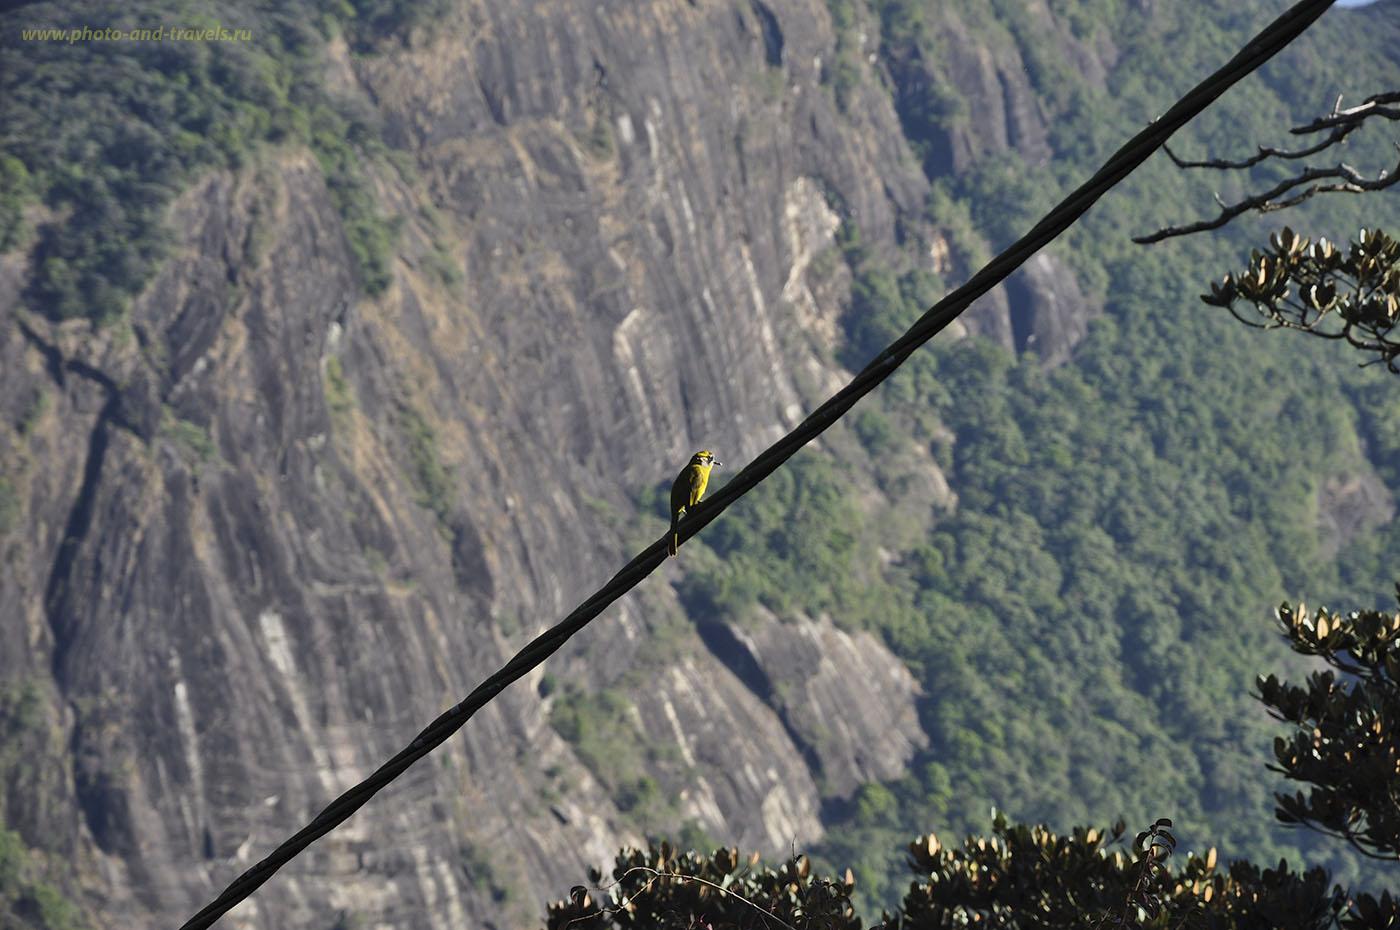 Фотография №8. Восхождение на Пик Адама начинается с прохождения глубочайшего ущелья, с отвесных стен которого, как в Затерянном Мире, сбрасываются водопады. Не будет сил смотреть по сторонам, наблюдайте на привале за птицами.